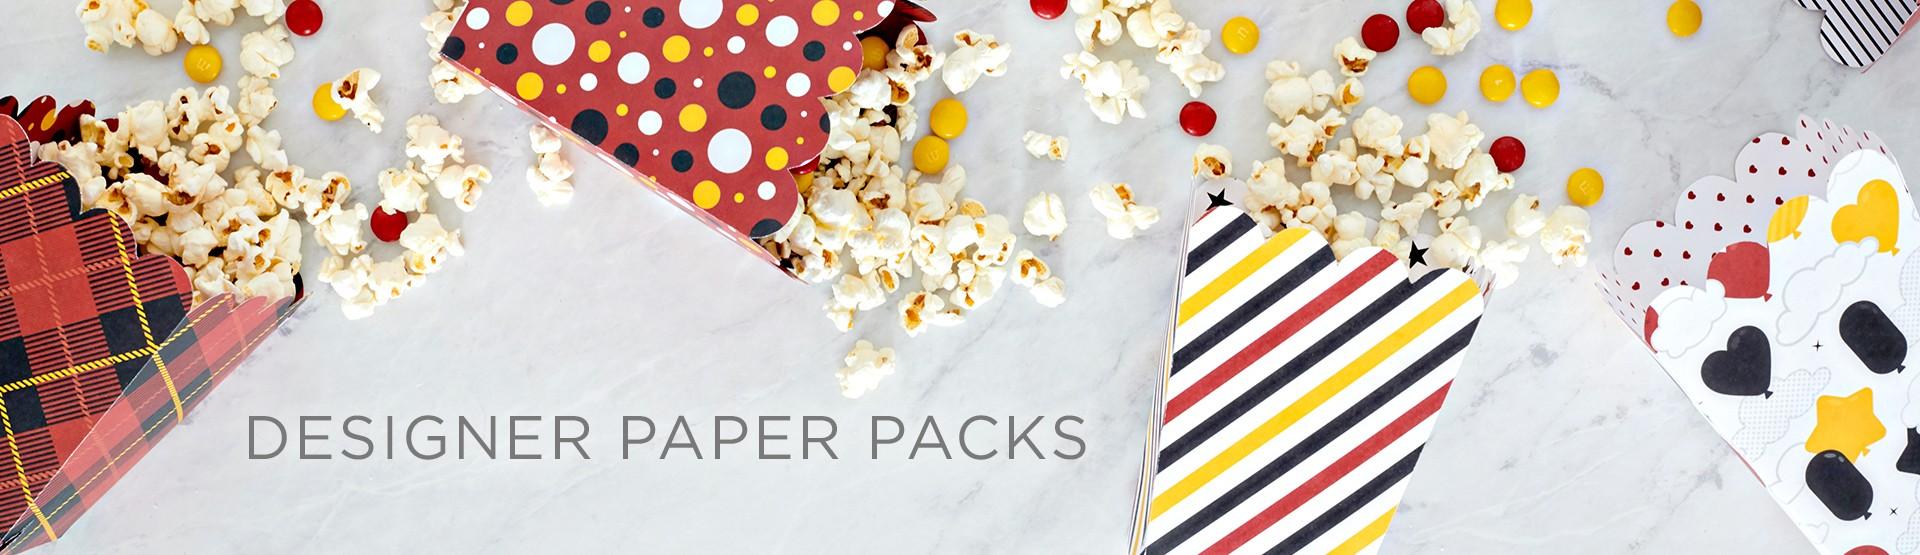 Designer Paper Packs